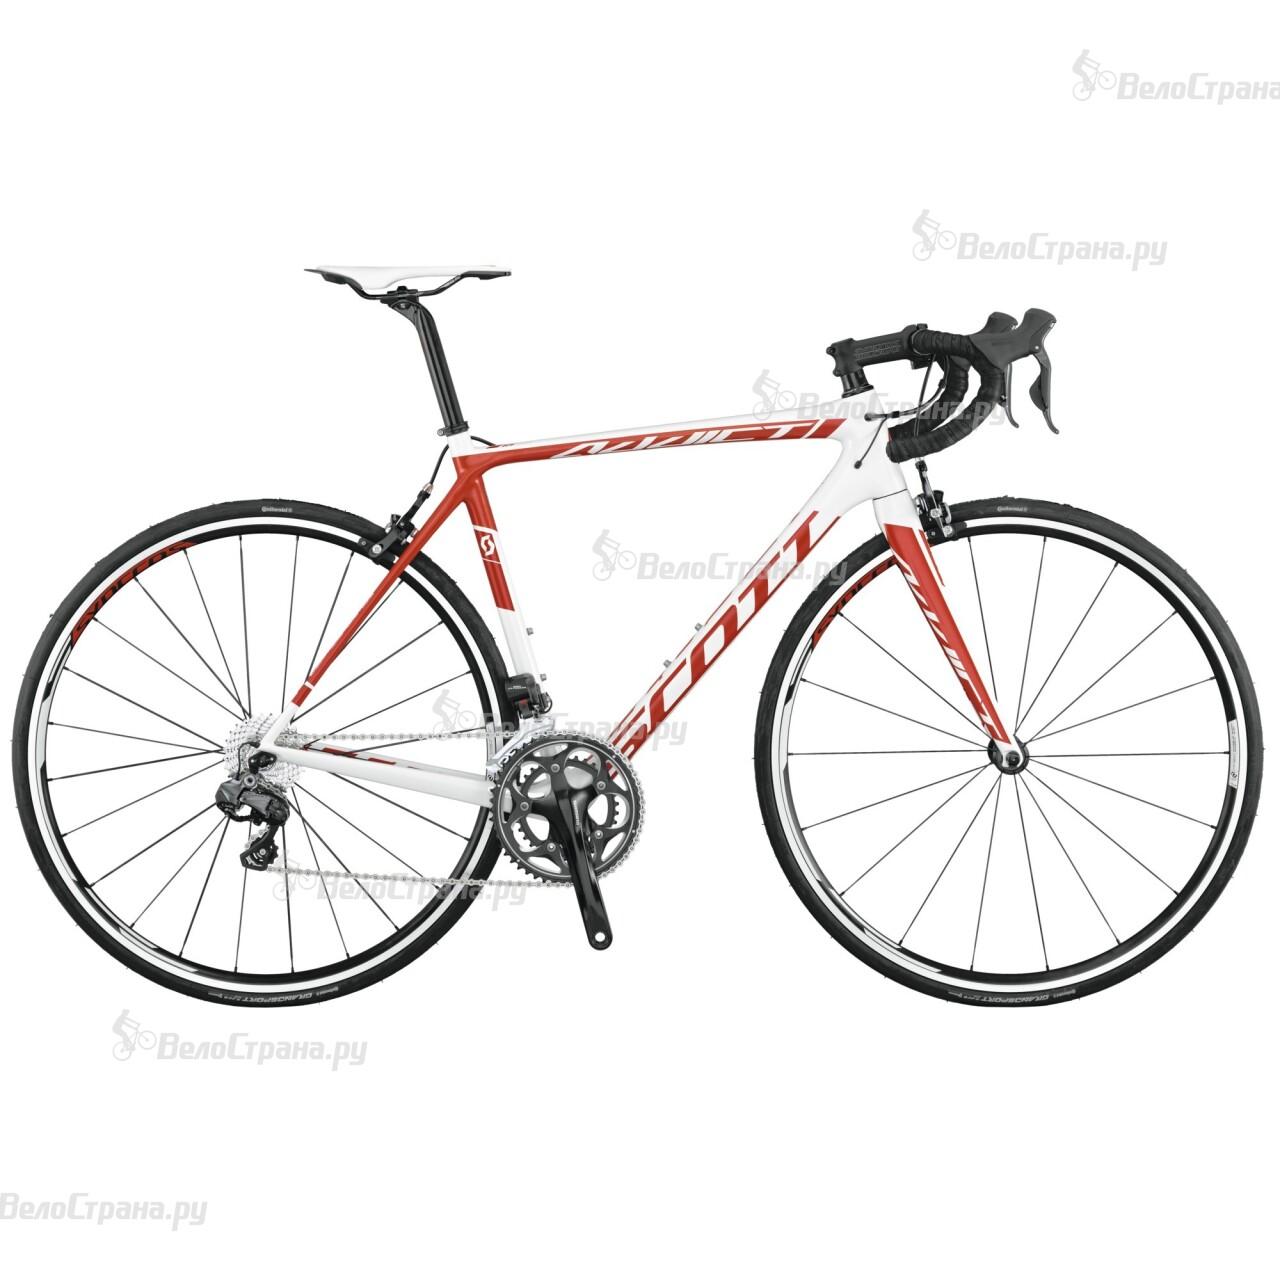 Велосипед Scott Addict 15 DI2 (2015) scott addict sl compact 2015